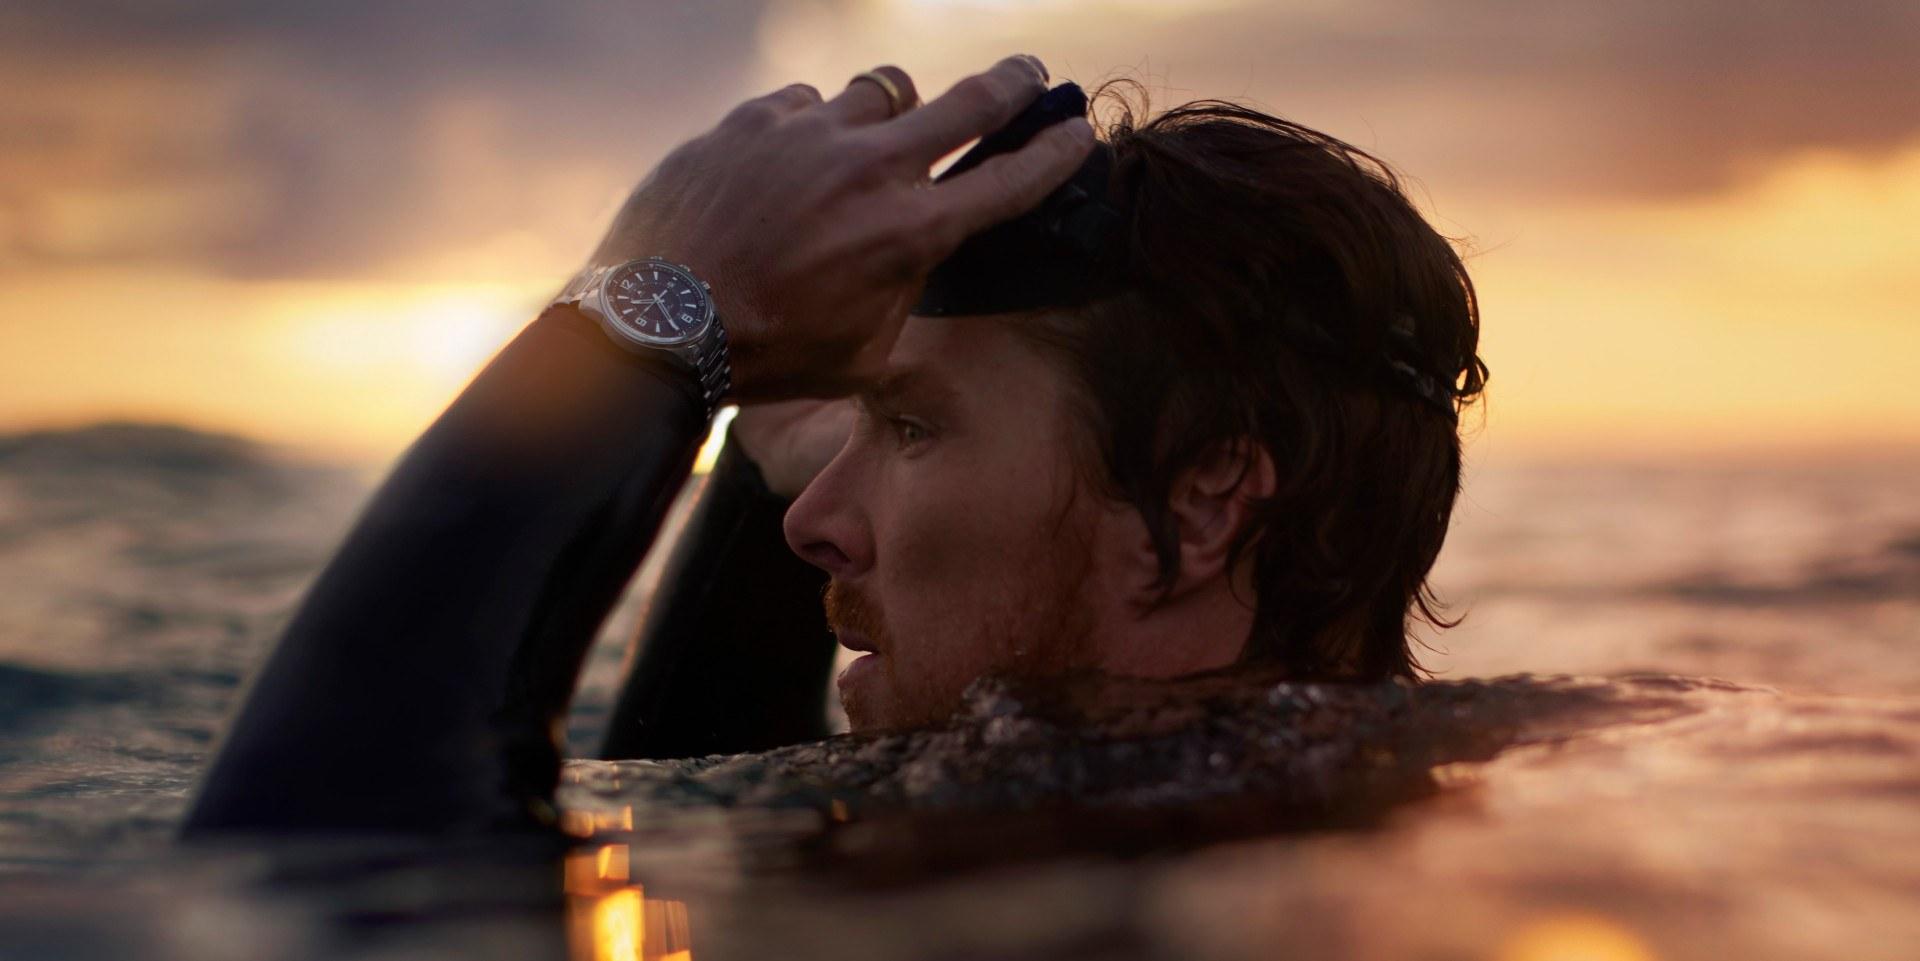 積家隆重呈獻高性能潛水腕錶之作 —— Jaeger-LeCoultre Polaris系列潛水腕錶